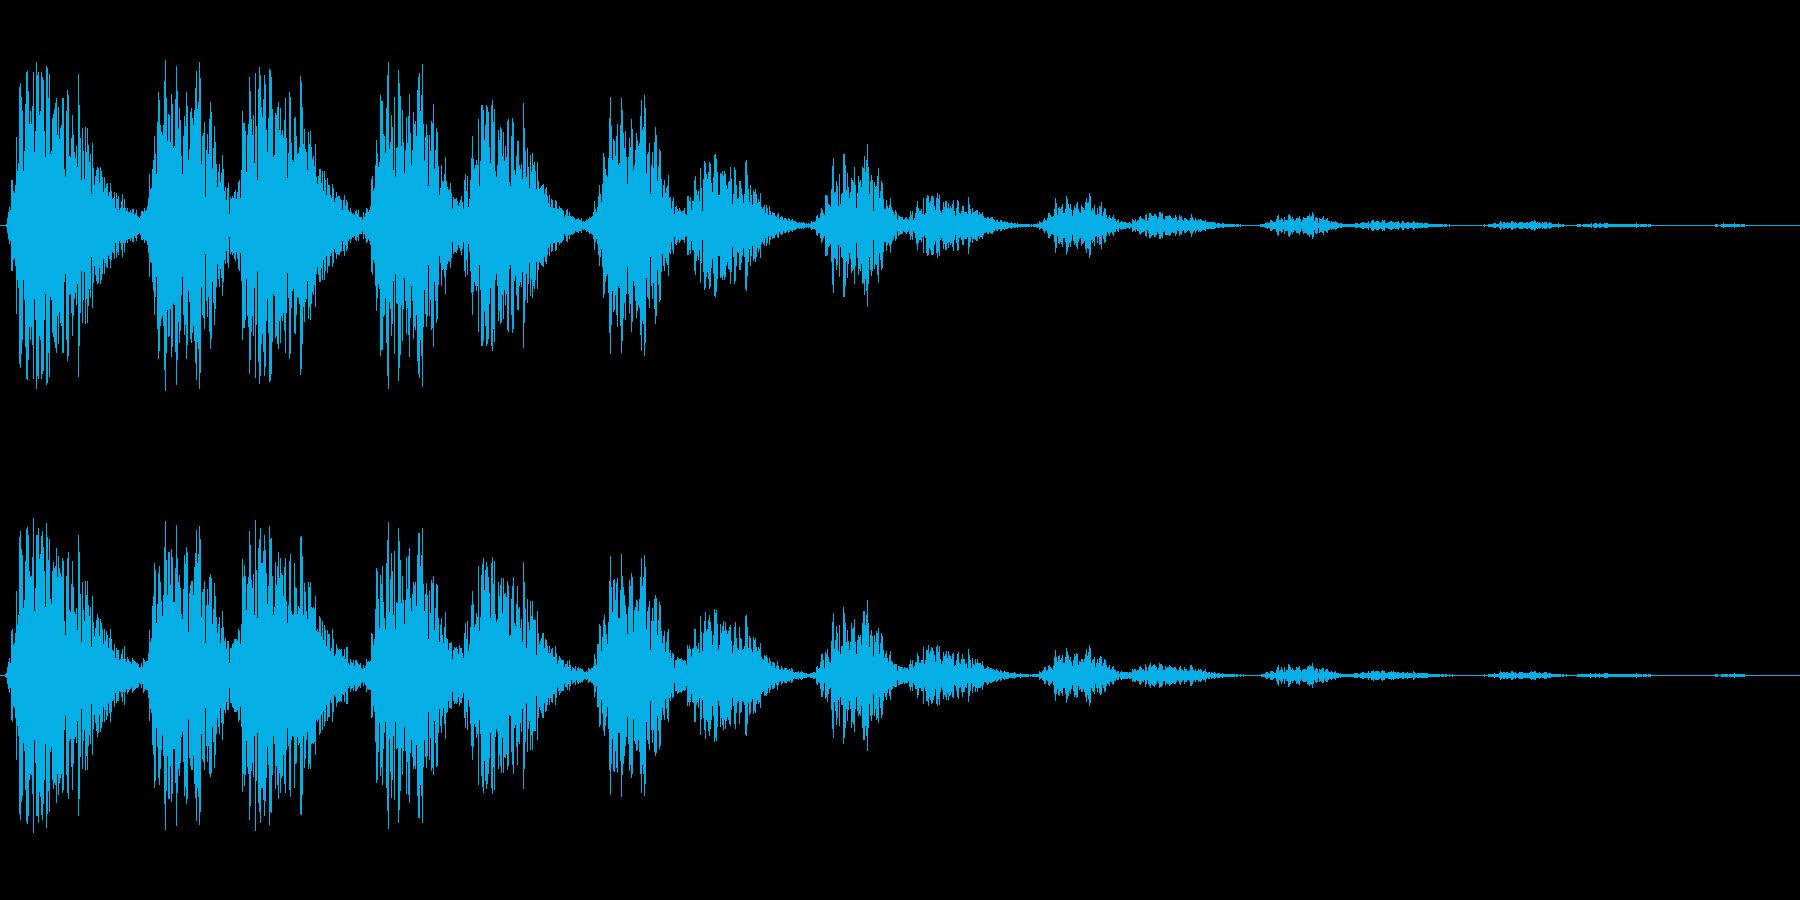 ビヨビヨ(伸びたバネのような音)の再生済みの波形